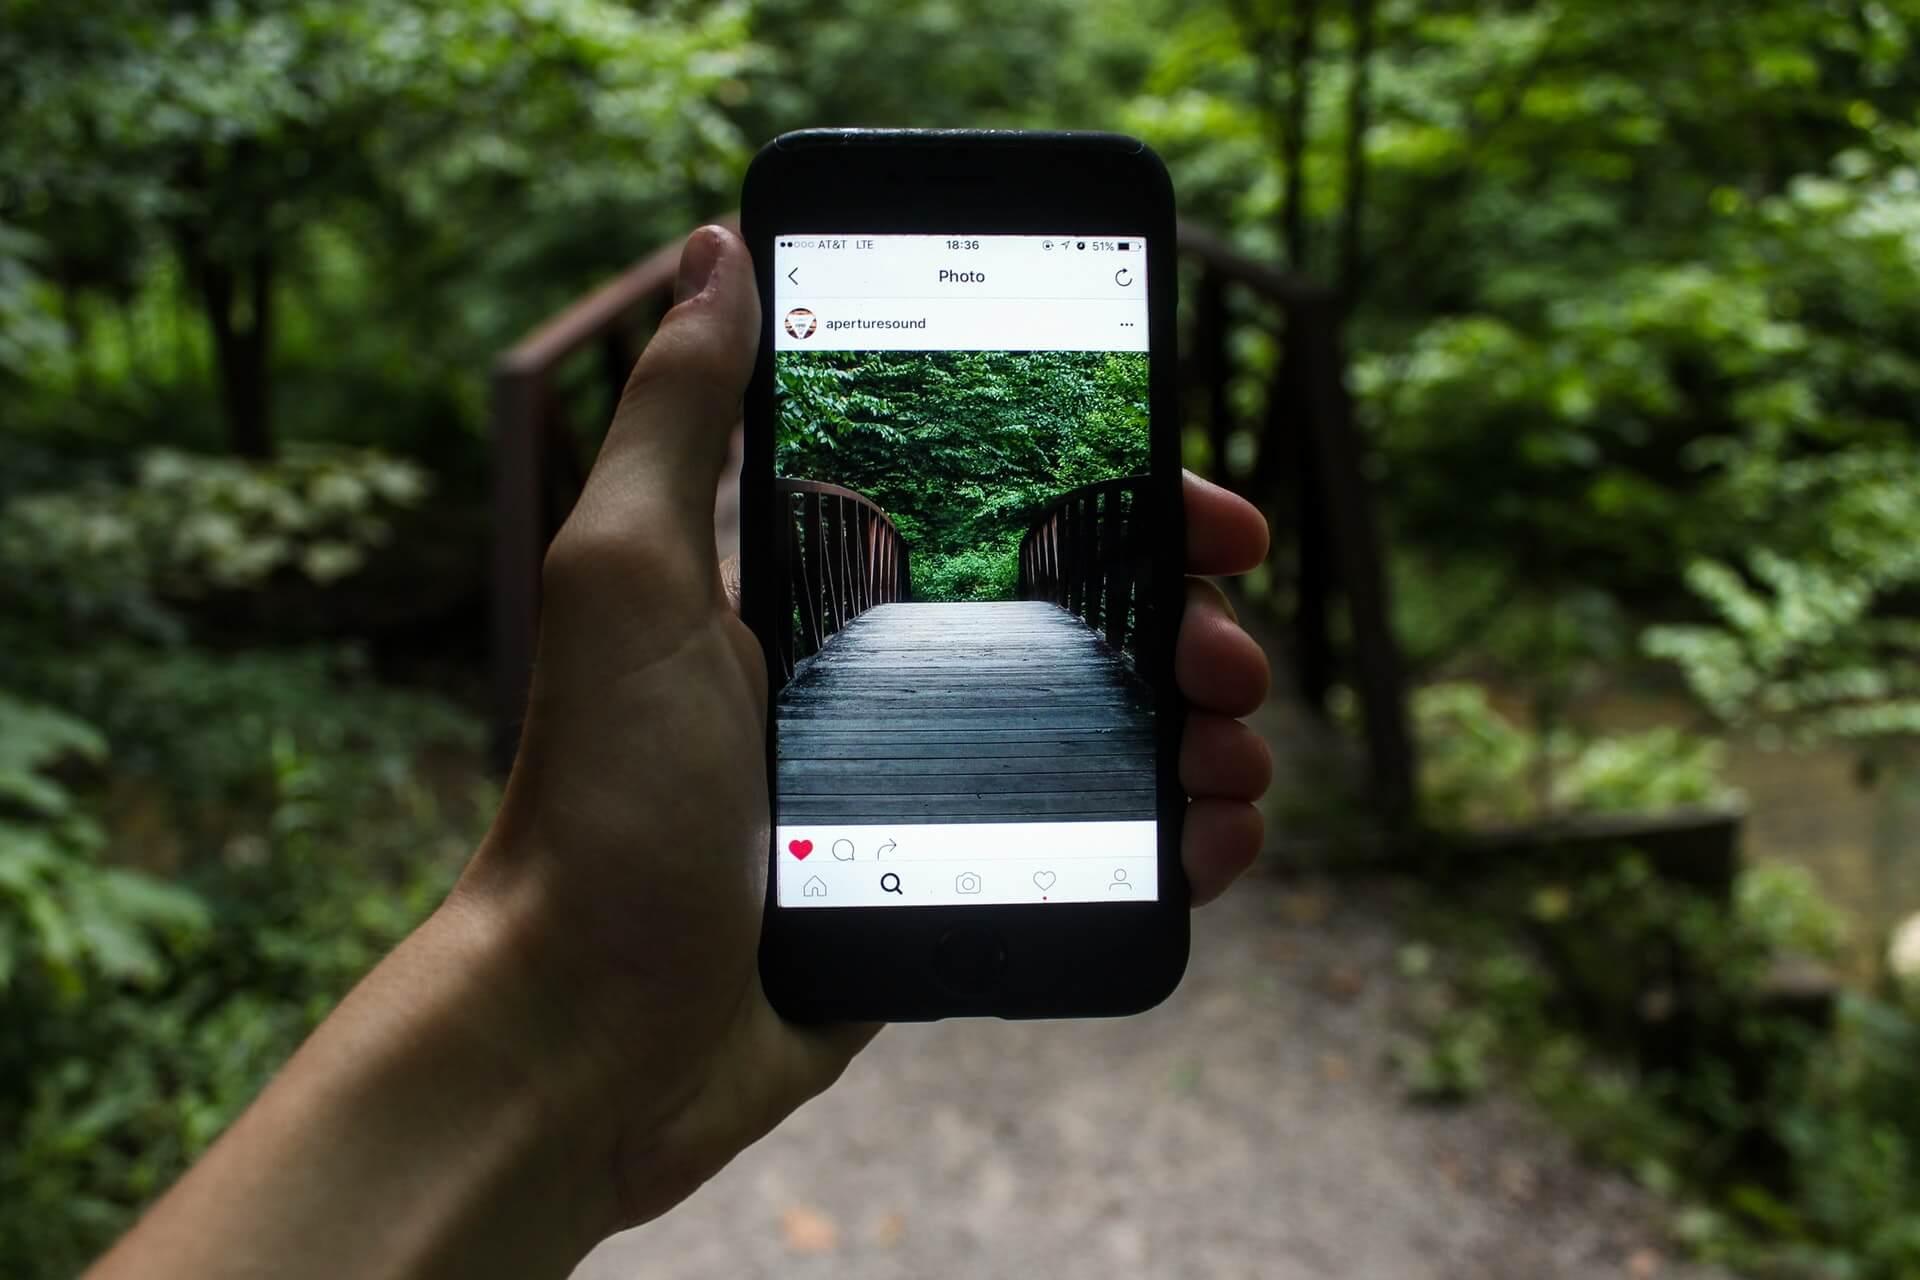 Hình ảnh và video trên Instagram nên để theo tỷ lệ dọc đứng